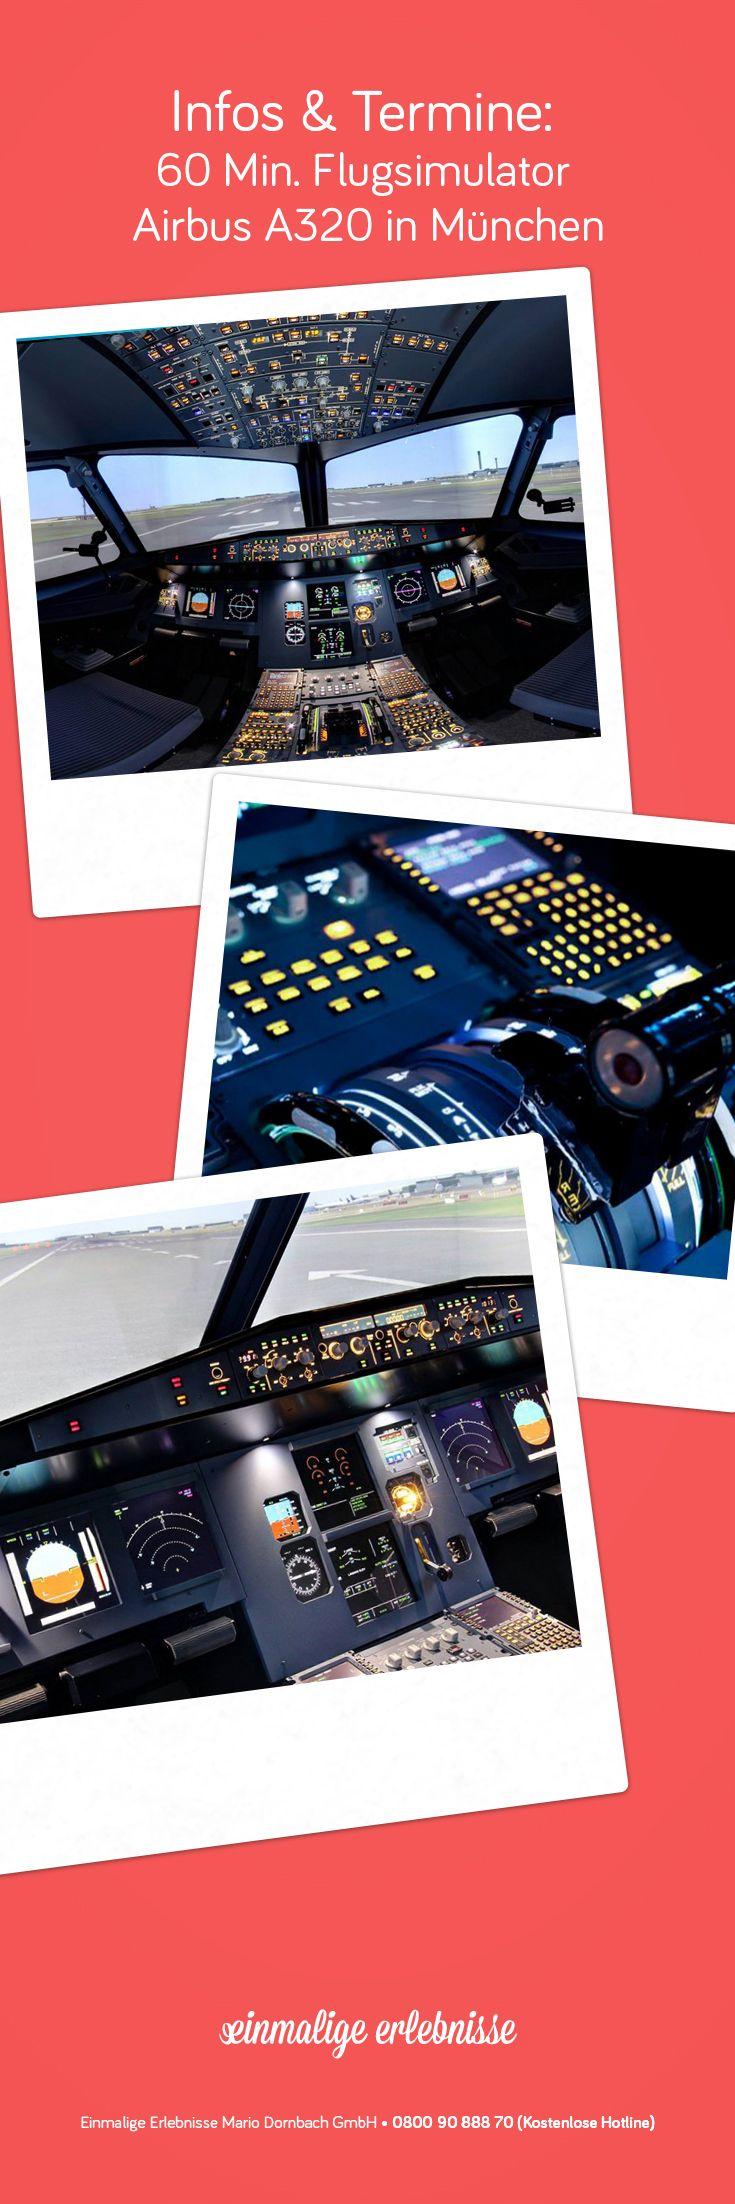 60 Min. Flugsimulator Airbus A320 in München #Flugzeug #Luftfahrt #Geschenk